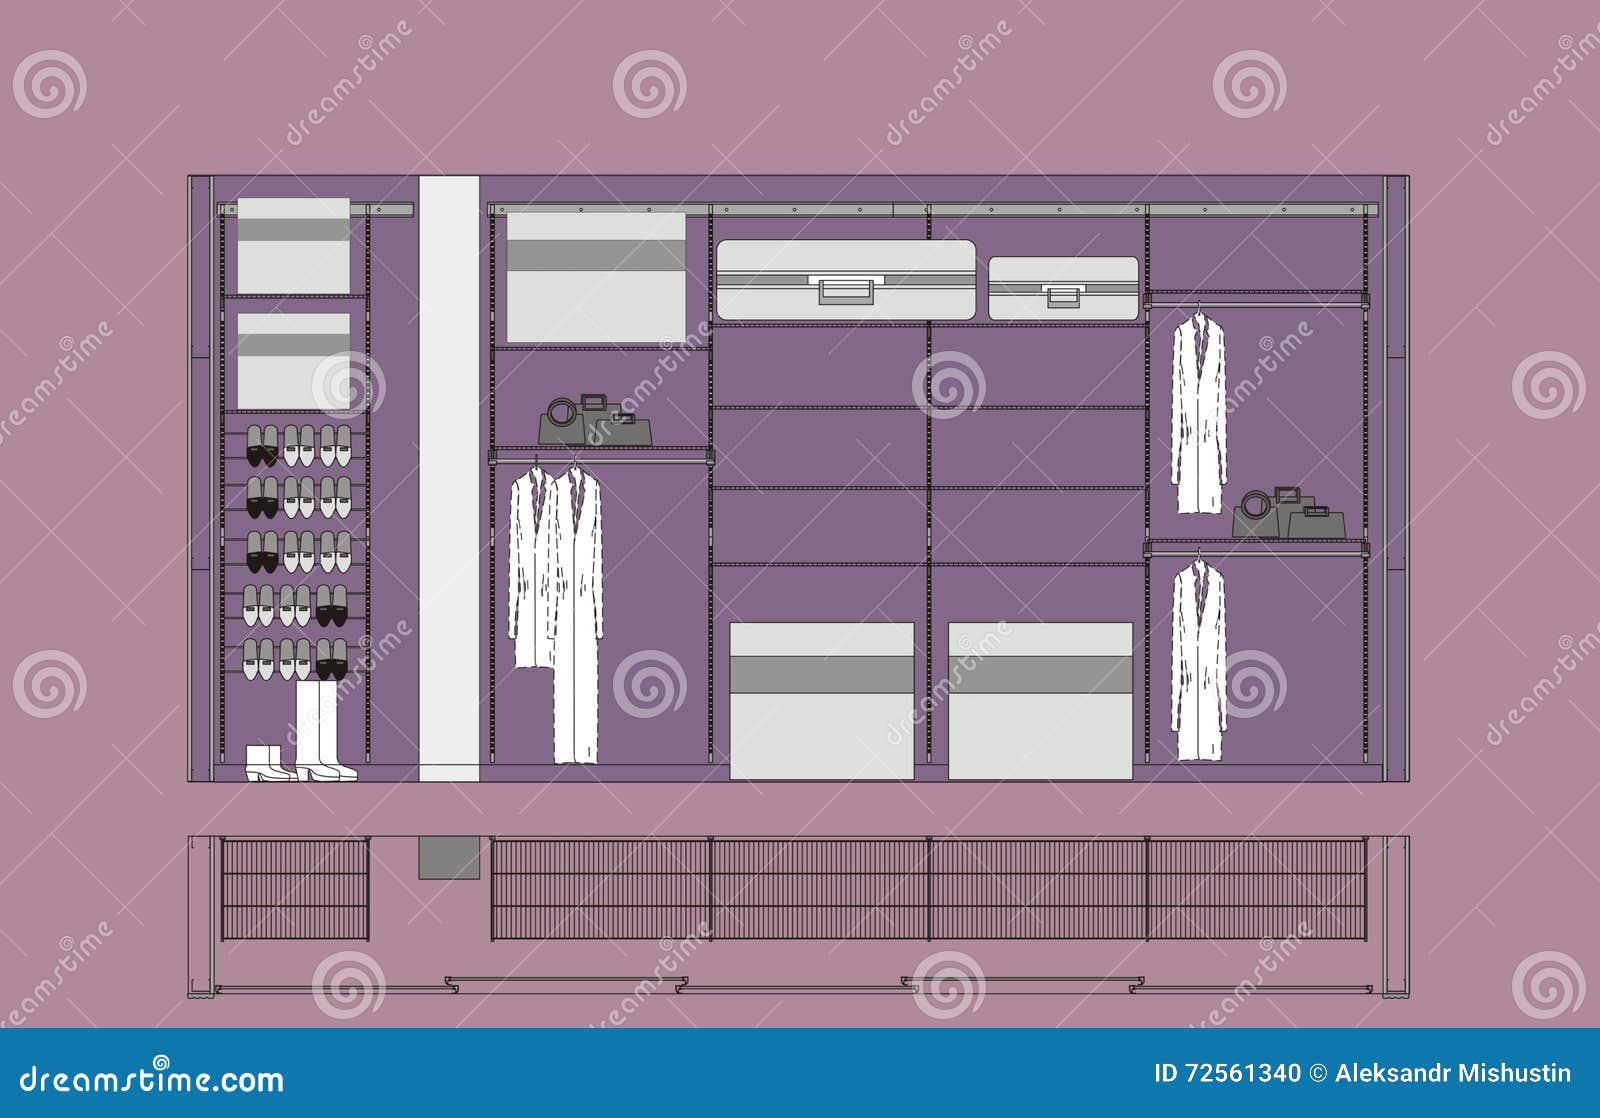 Garderoben schrank zeichnung vektor abbildung bild 72561340 for Schrank zeichnung